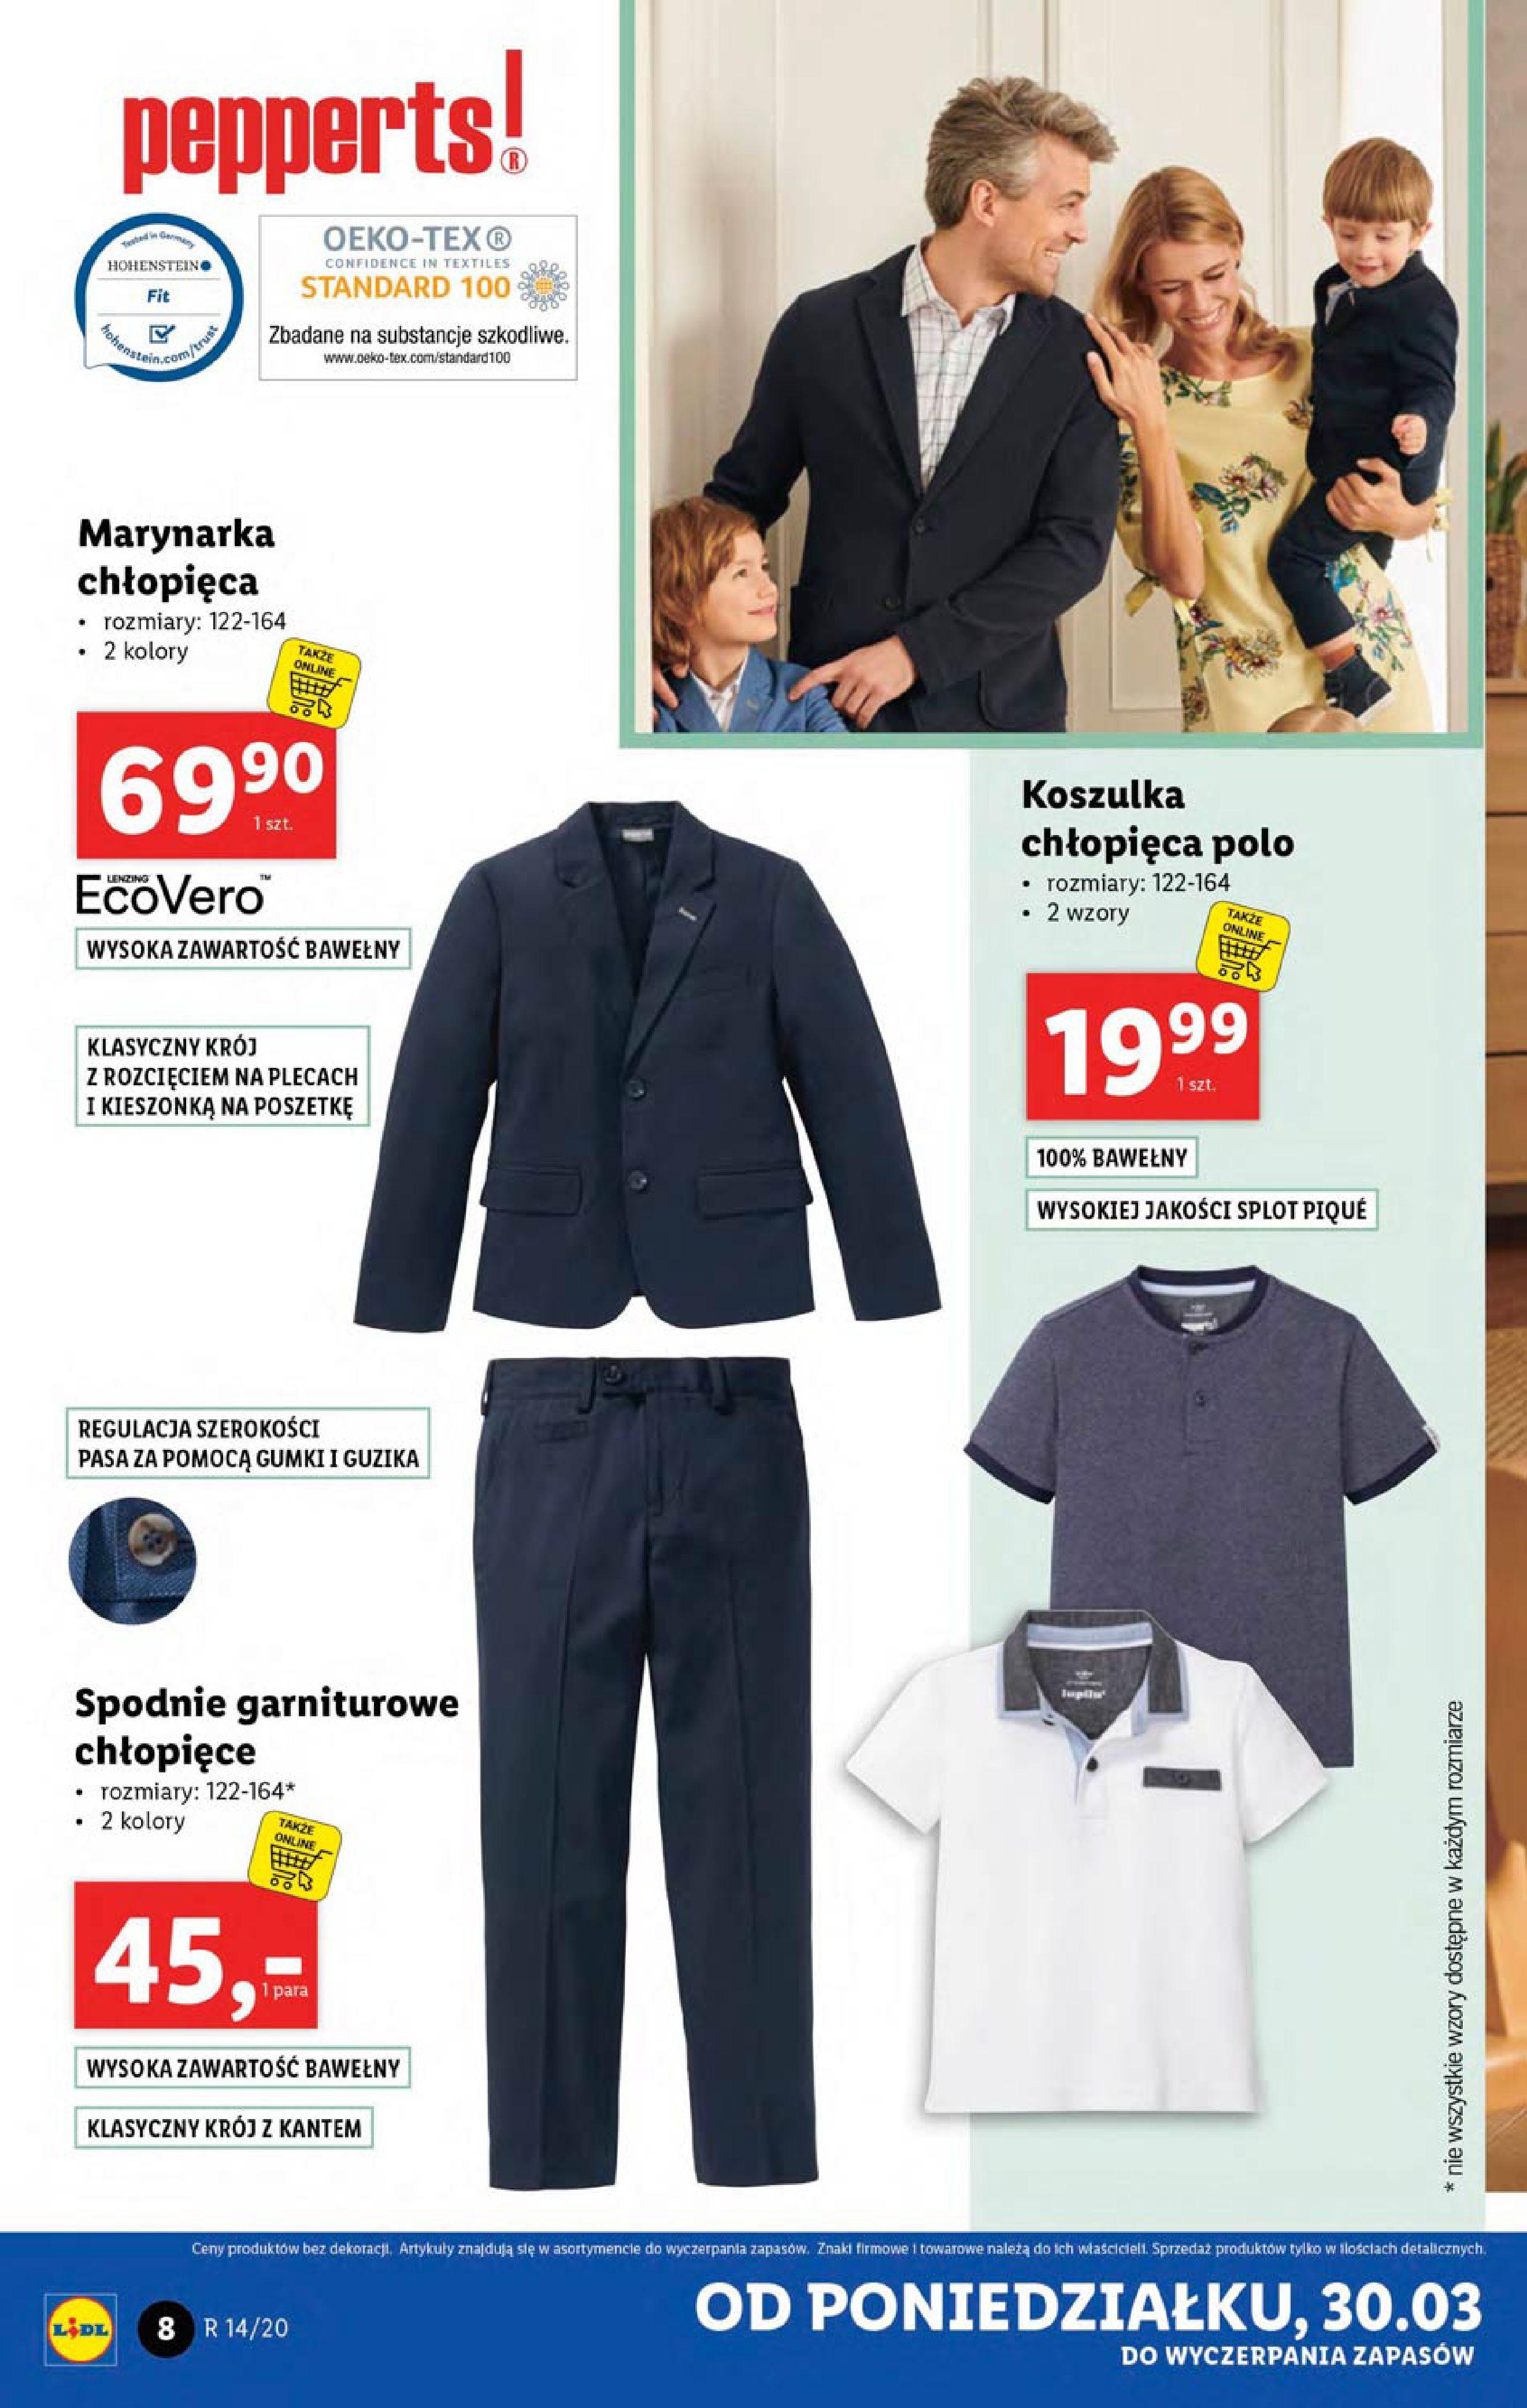 Gazetka Lidl - Katalog od poniedziałku 30.03-29.03.2020-05.04.2020-page-8